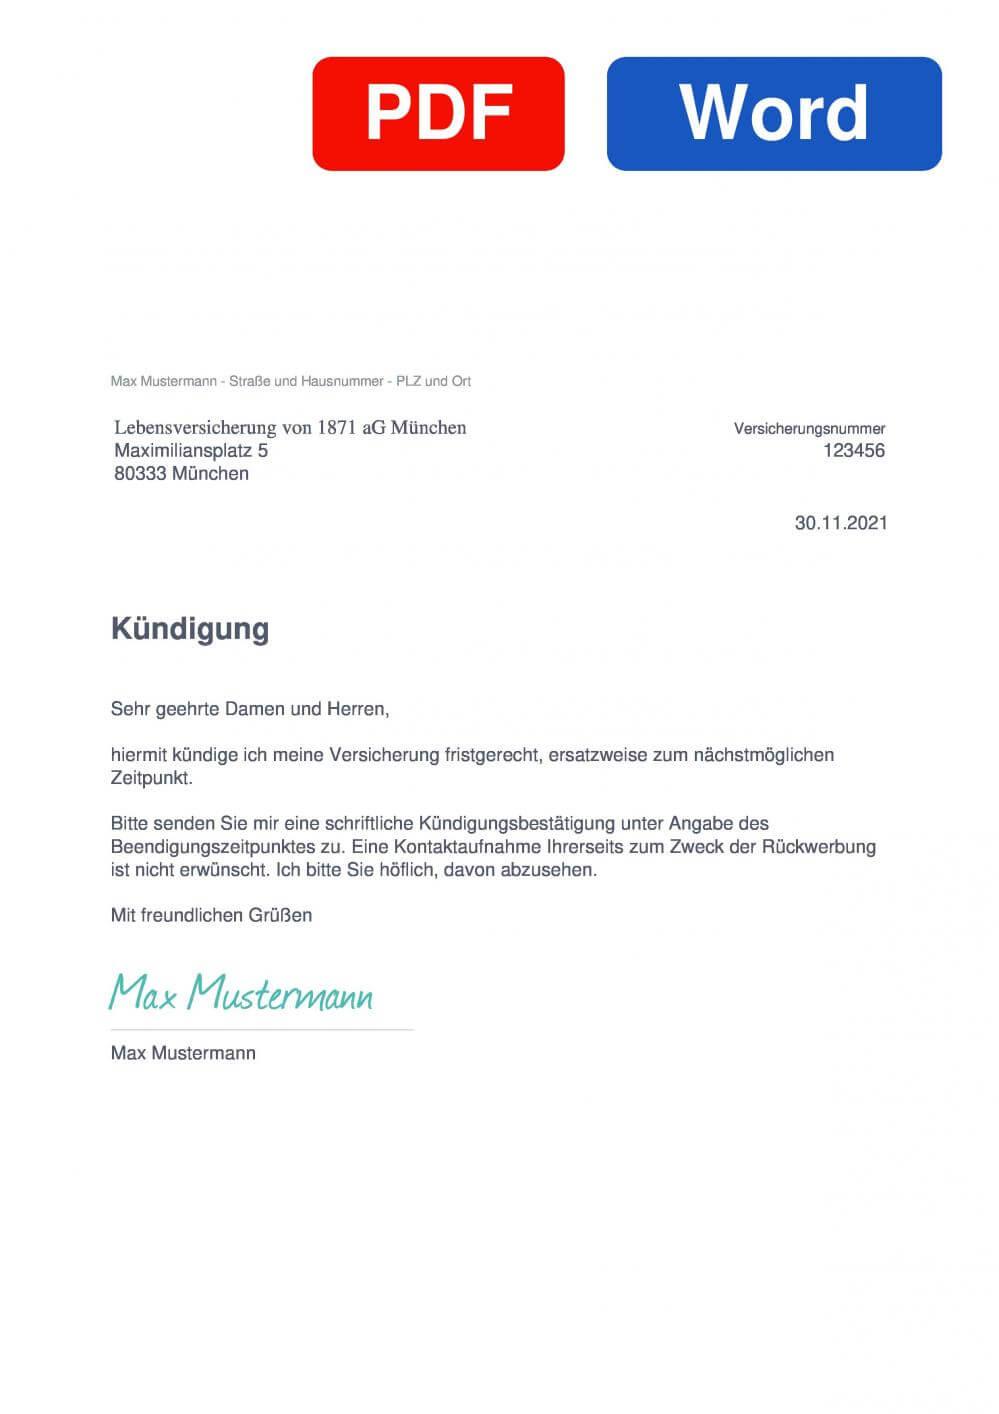 LV 1871 Muster Vorlage für Kündigungsschreiben